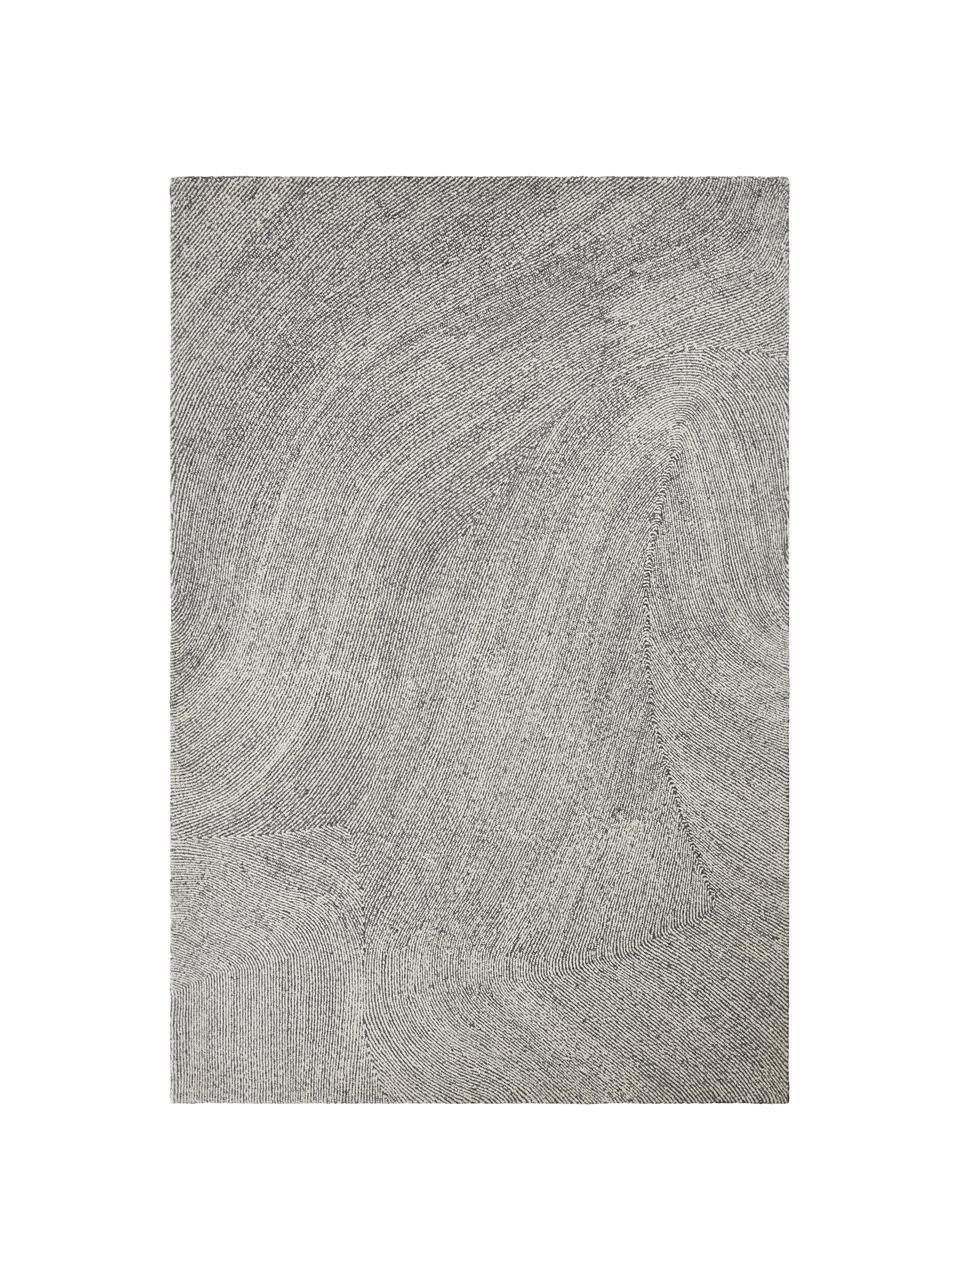 Ręcznie tkany dywan Canyon, 51% poliester, 49% wełna, Szary, S 200 x D 300 cm (Rozmiar L)